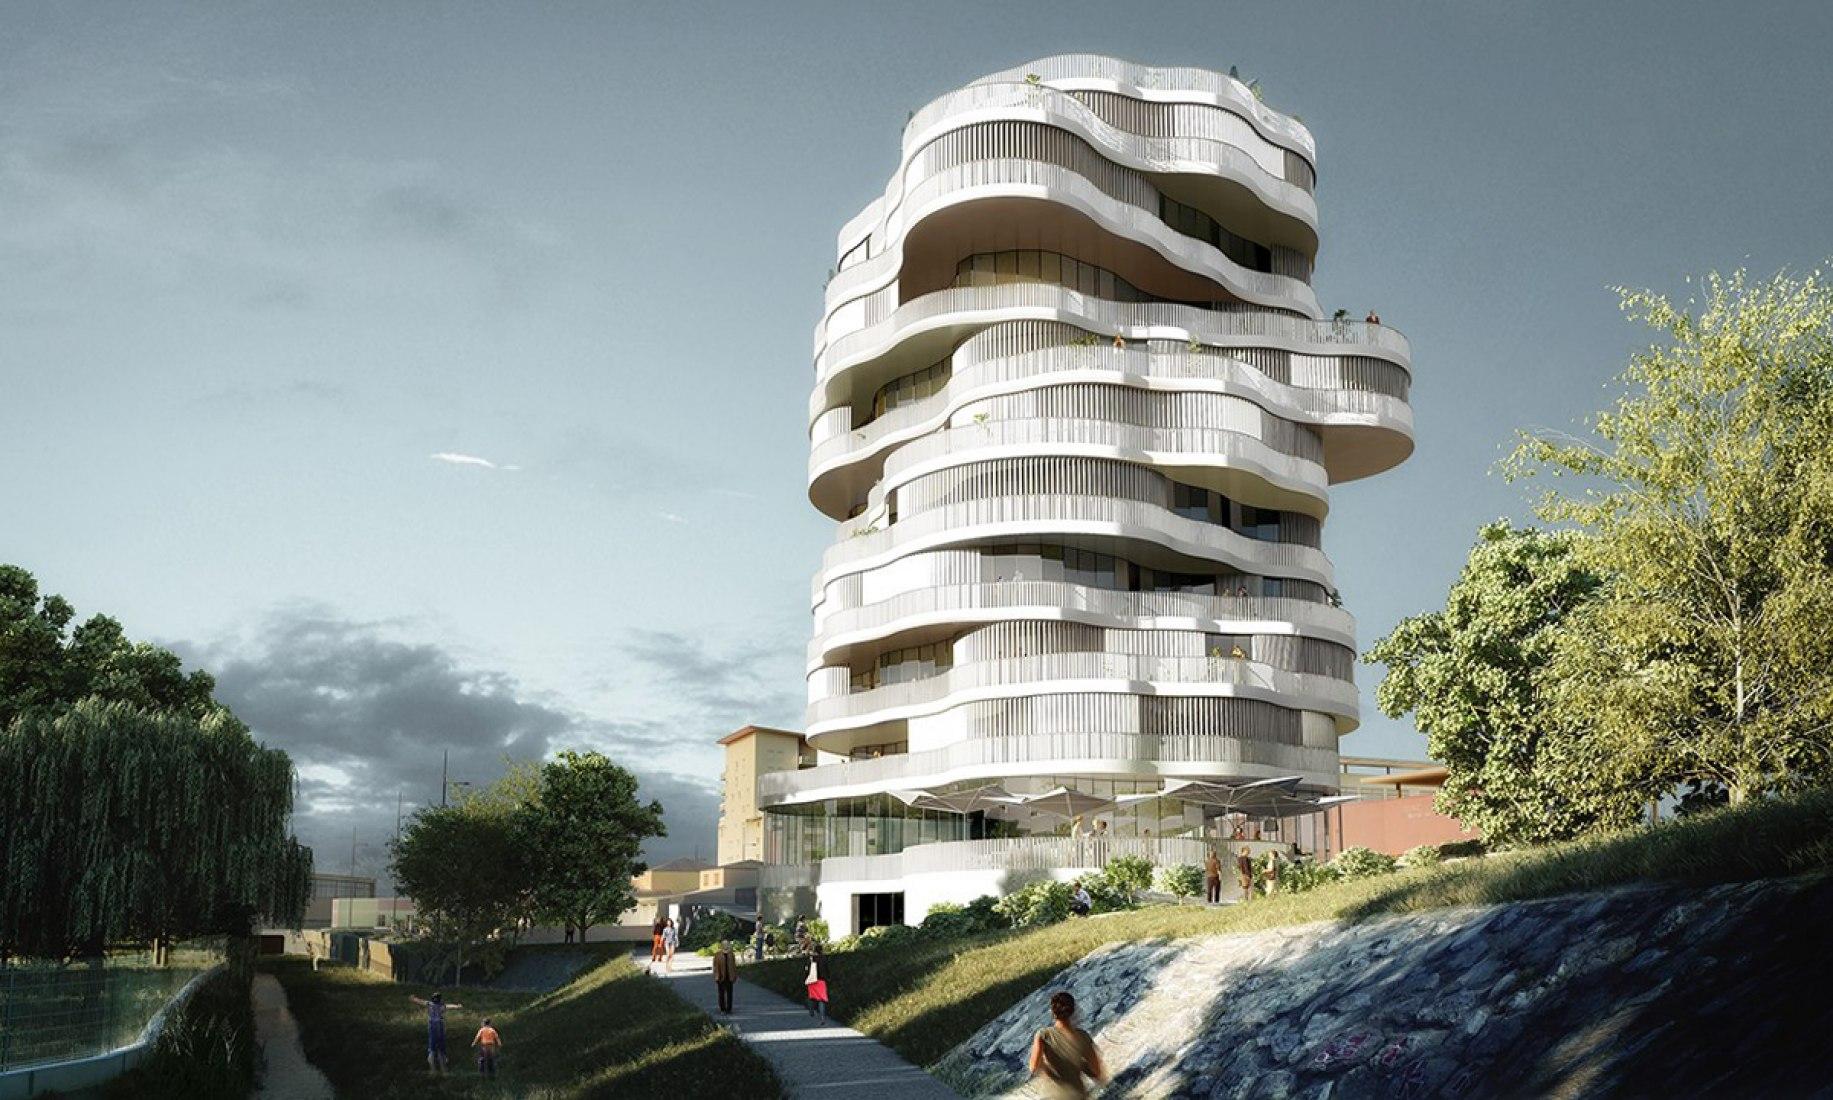 Contexto urbano con el apilamiento de las bandejas. Lot 2, Jardins de la Lironde por Farshid Moussavi Architecture. Imagen cortesía de Farshid Moussavi Architecture.